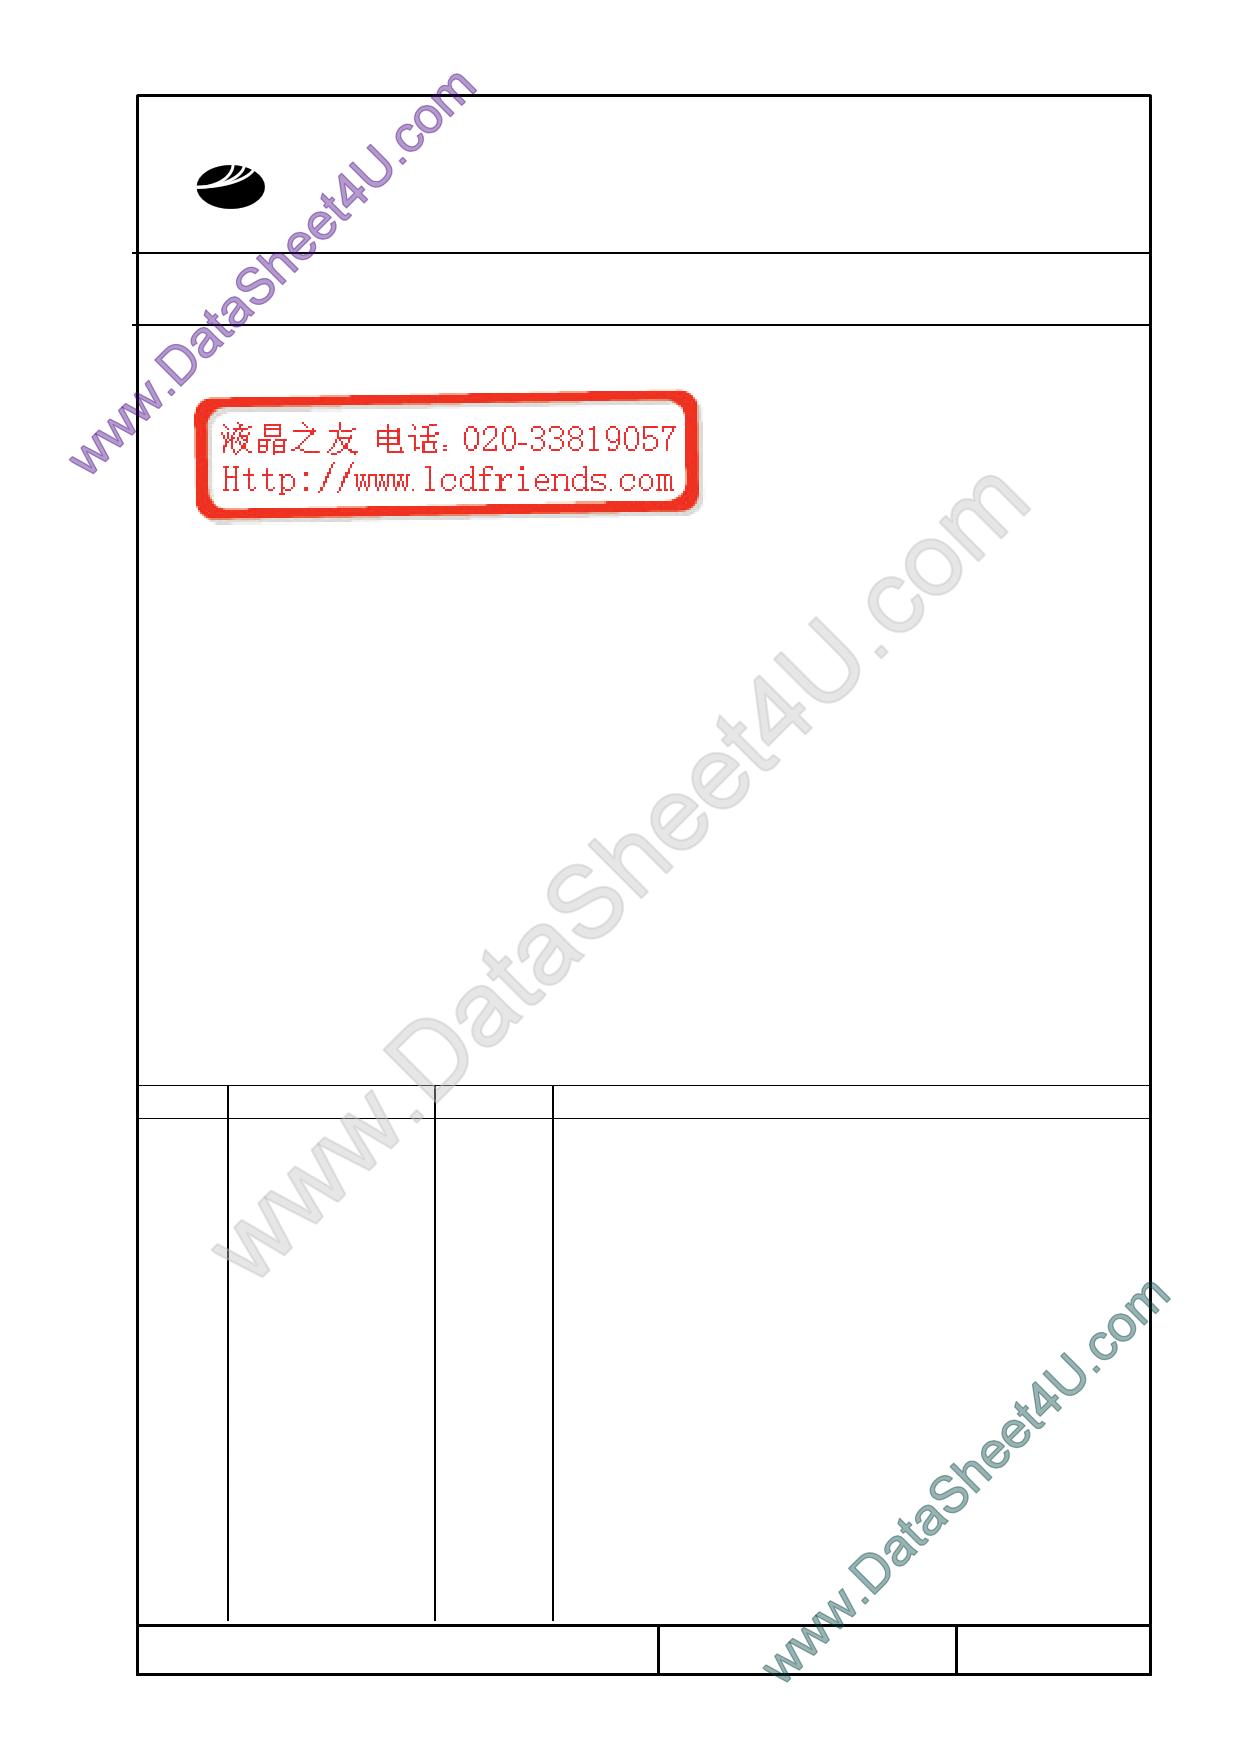 T-51378L025J_FW_P_AB دیتاشیت PDF